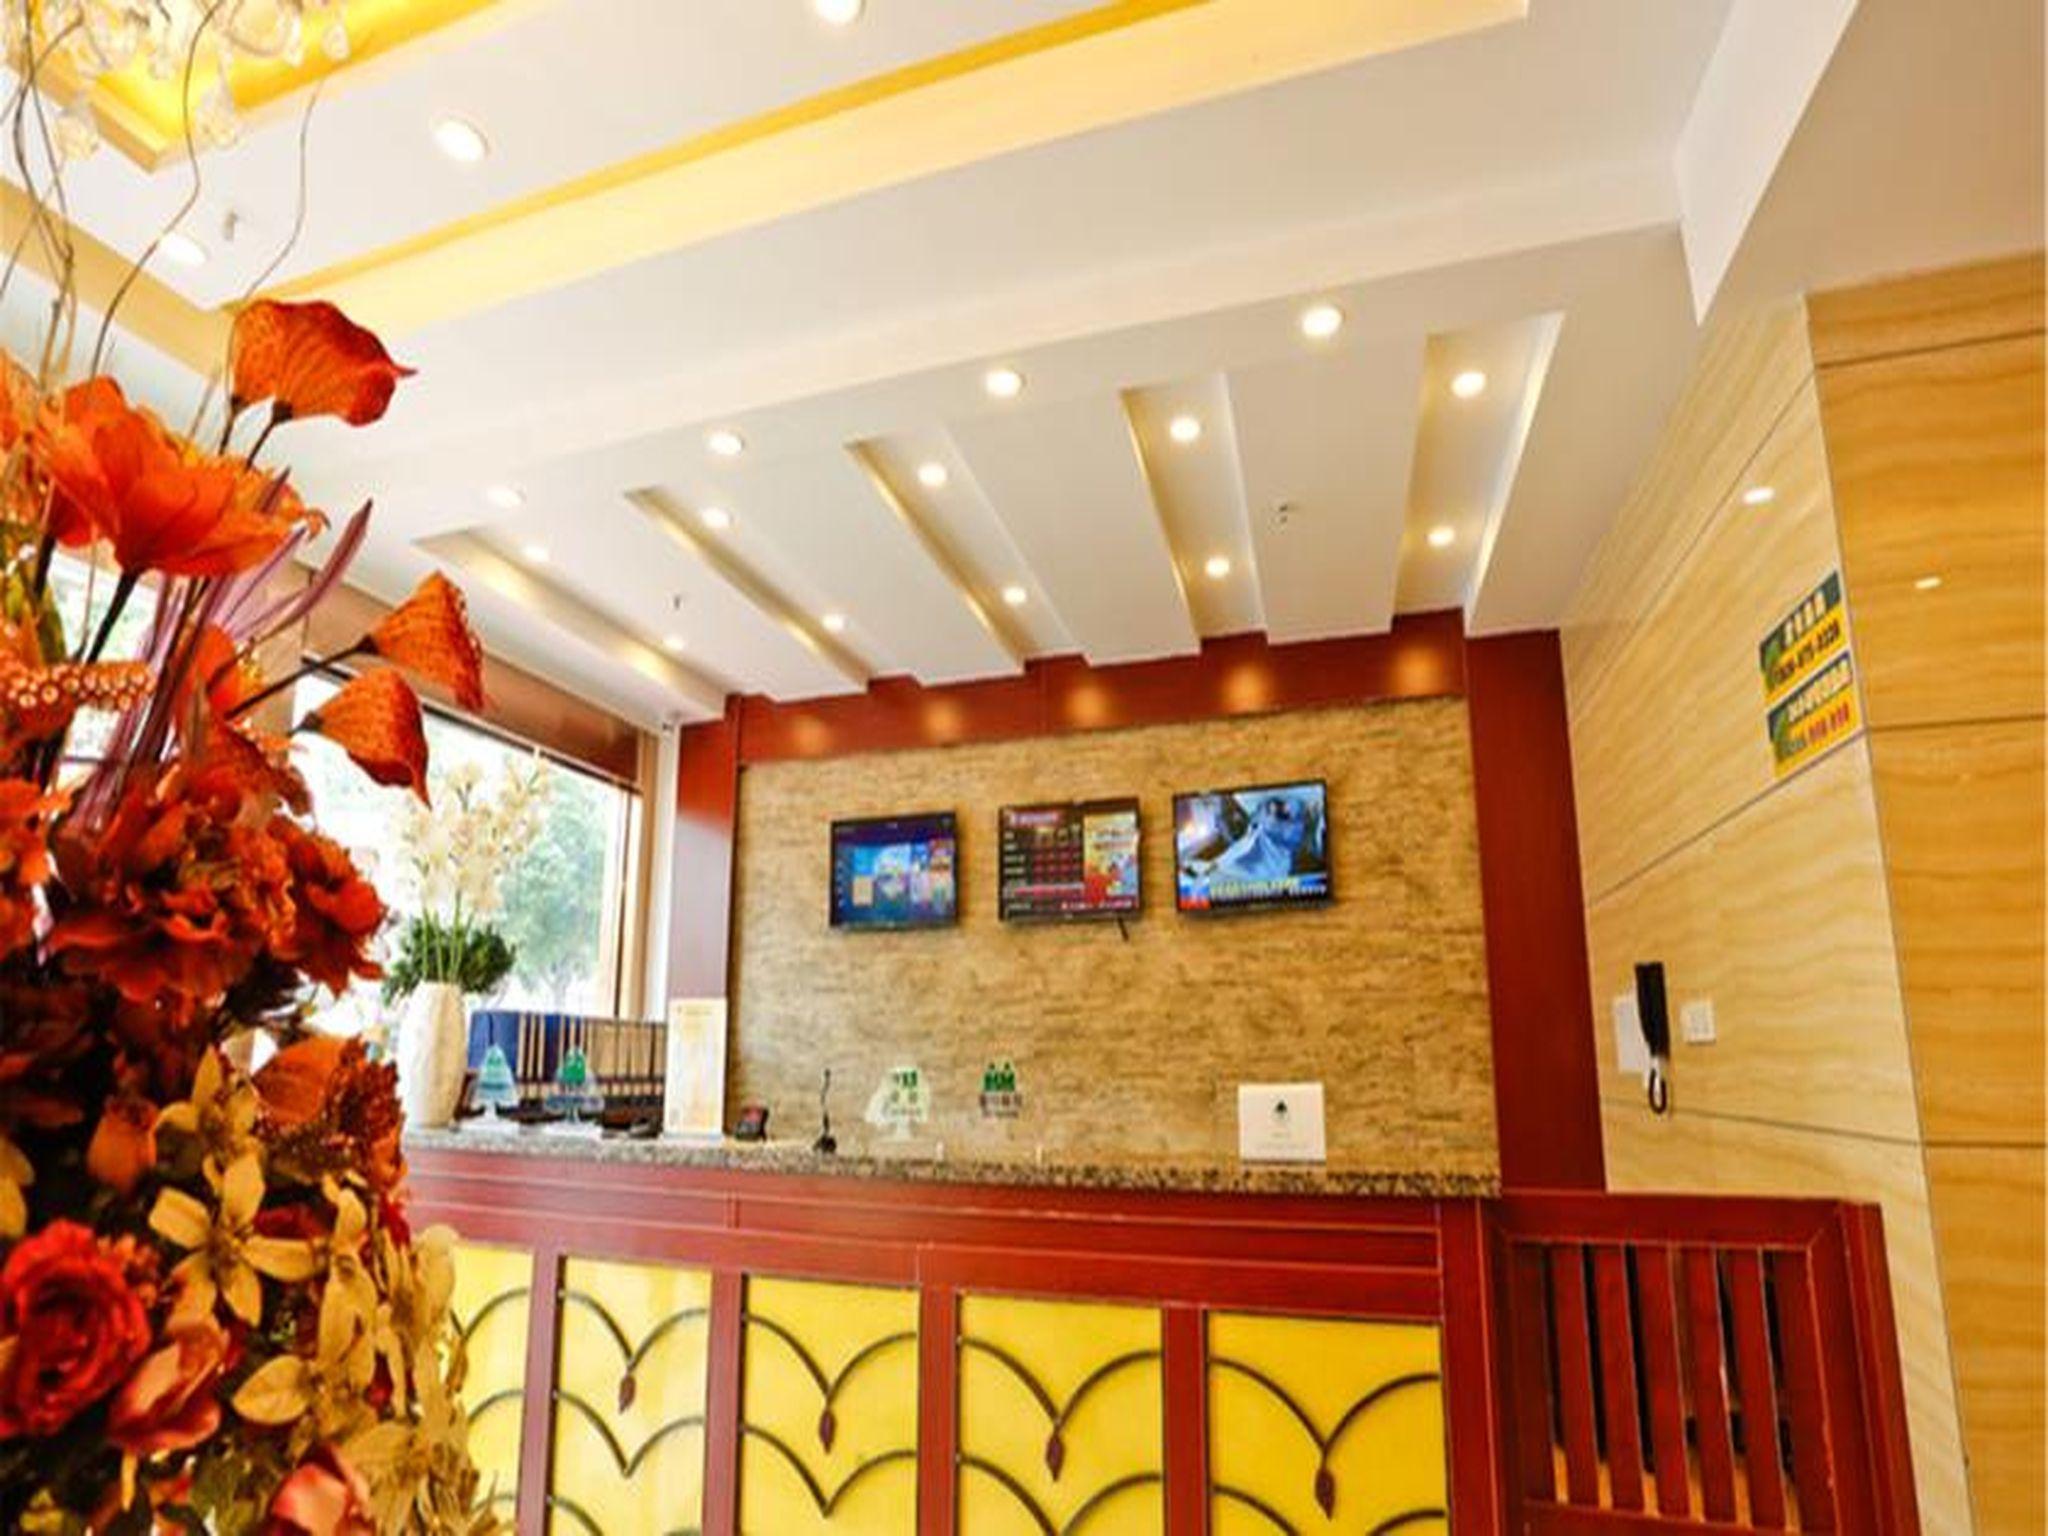 GreenTree Inn Suzhou Changshu Xinzhuang Town Qingfang Garden Express Hotel